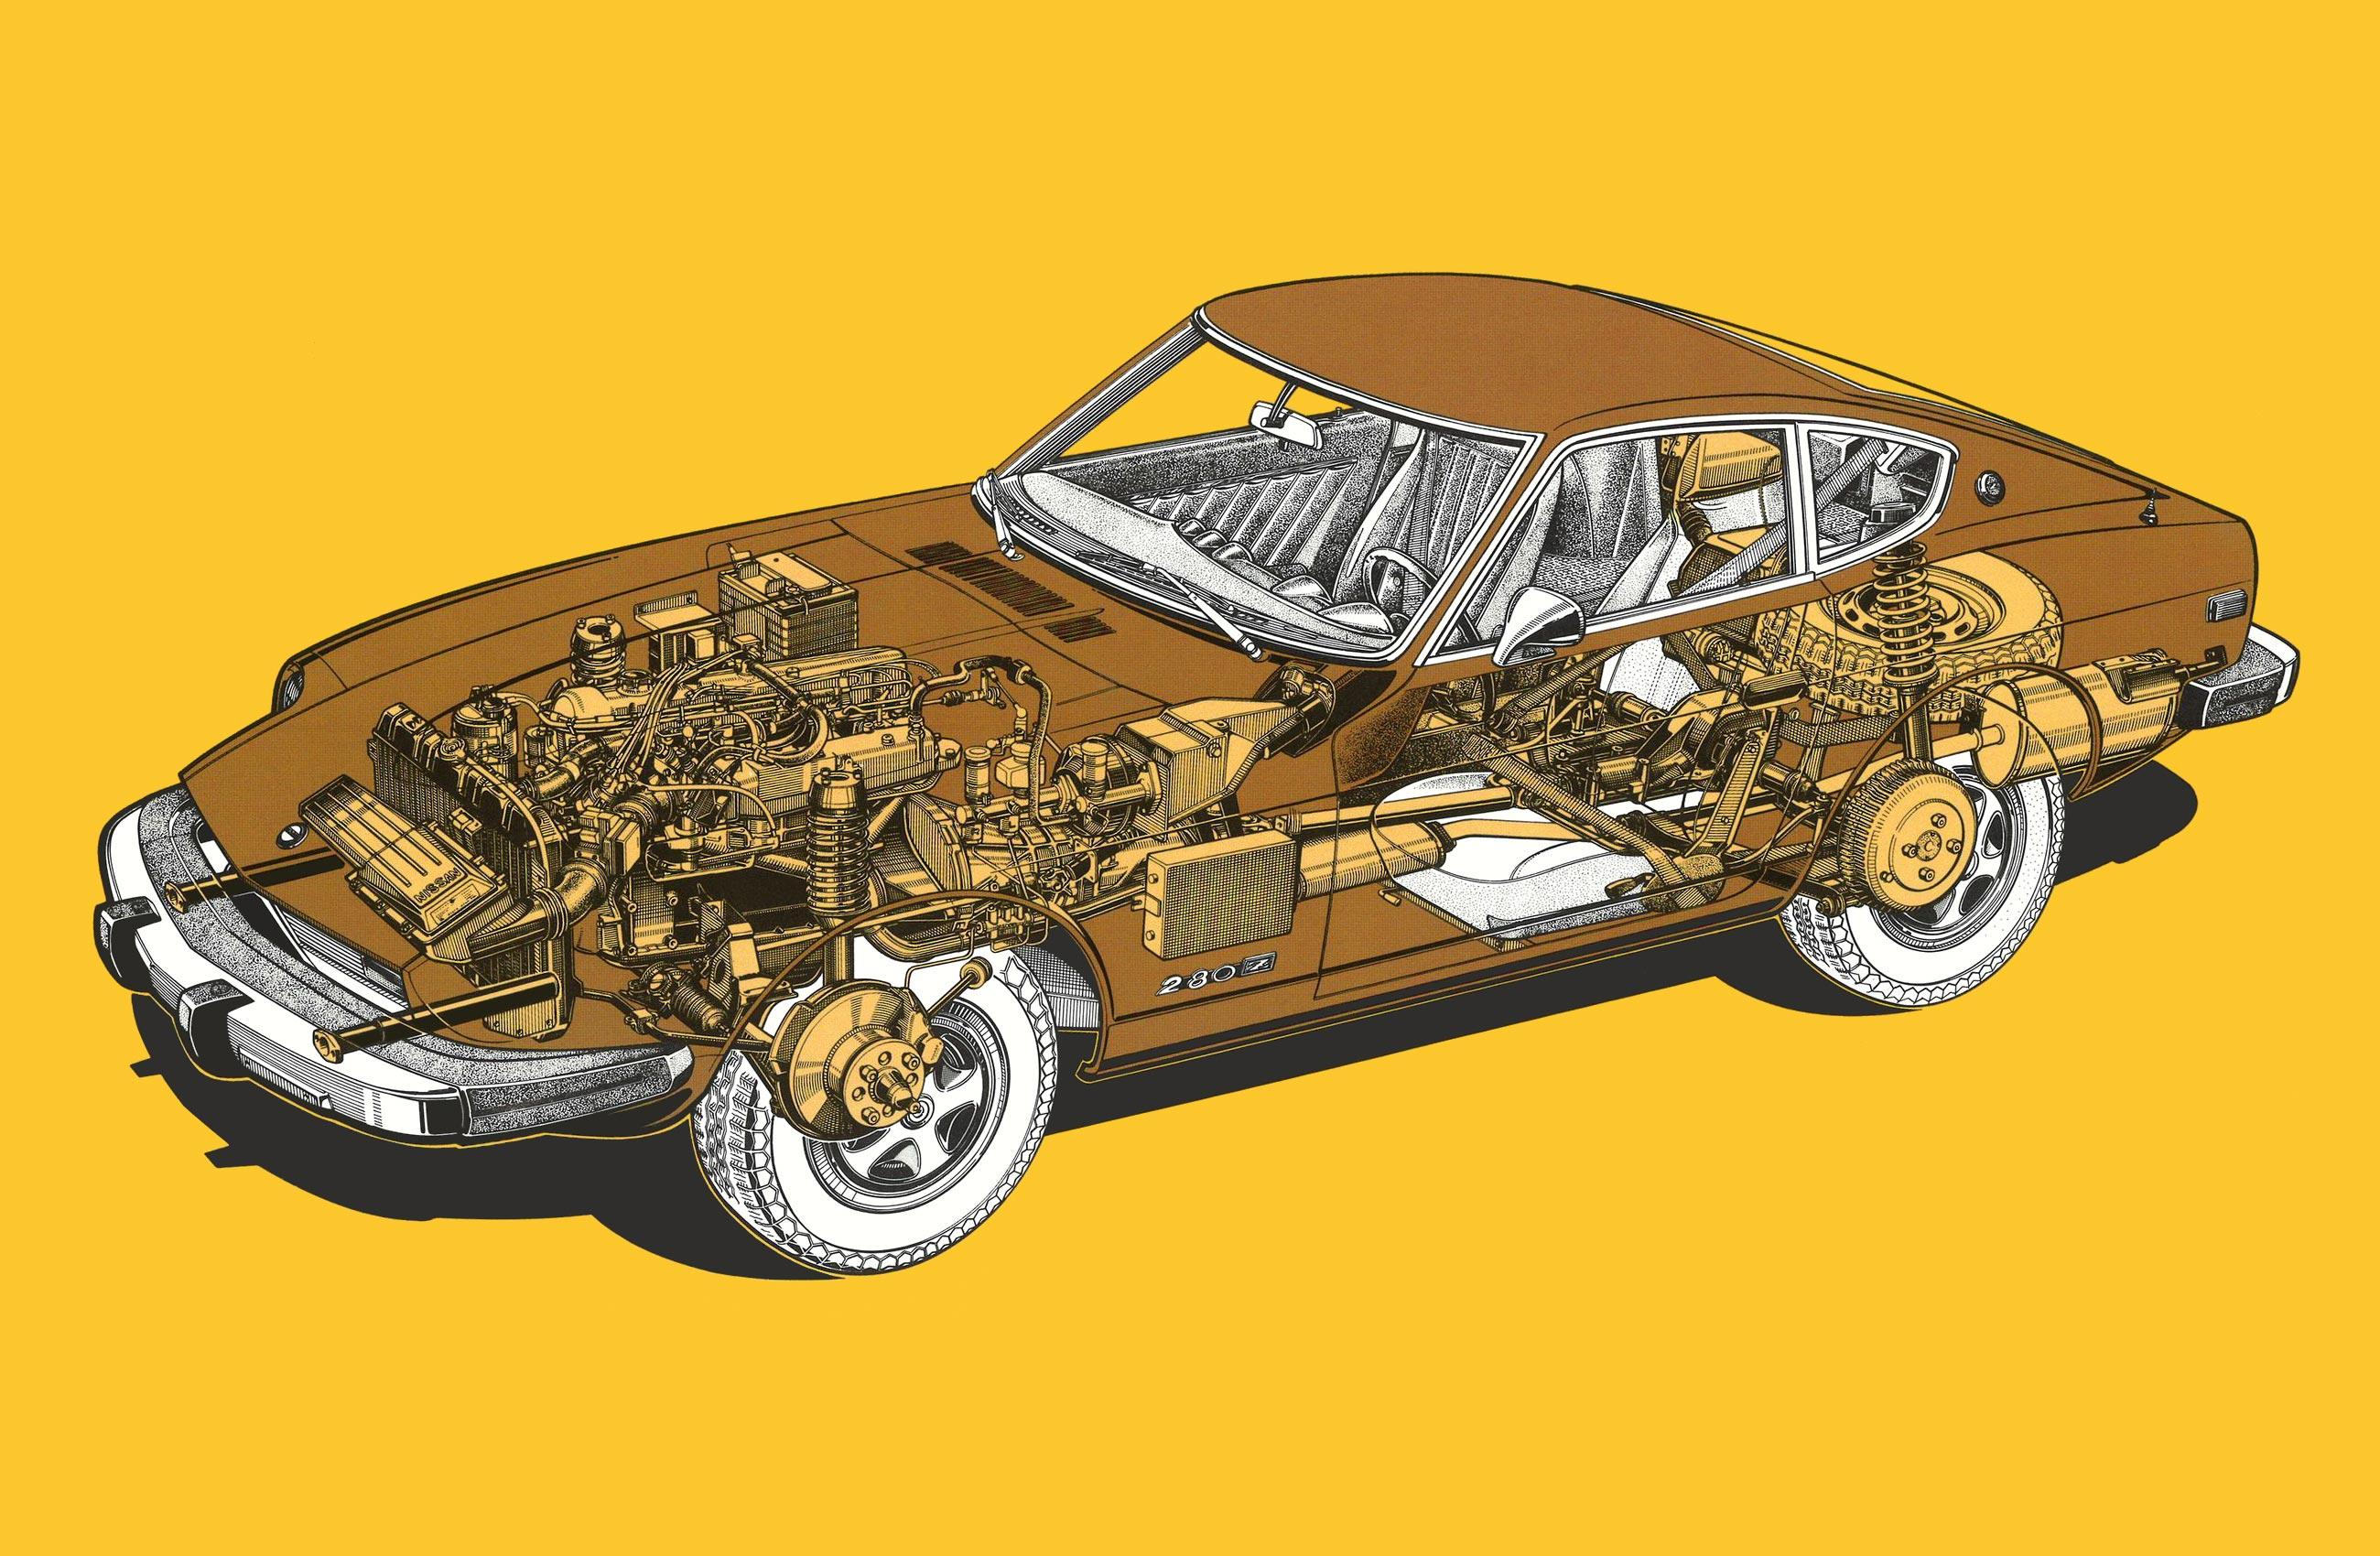 Datsun 280Z cutaway drawing